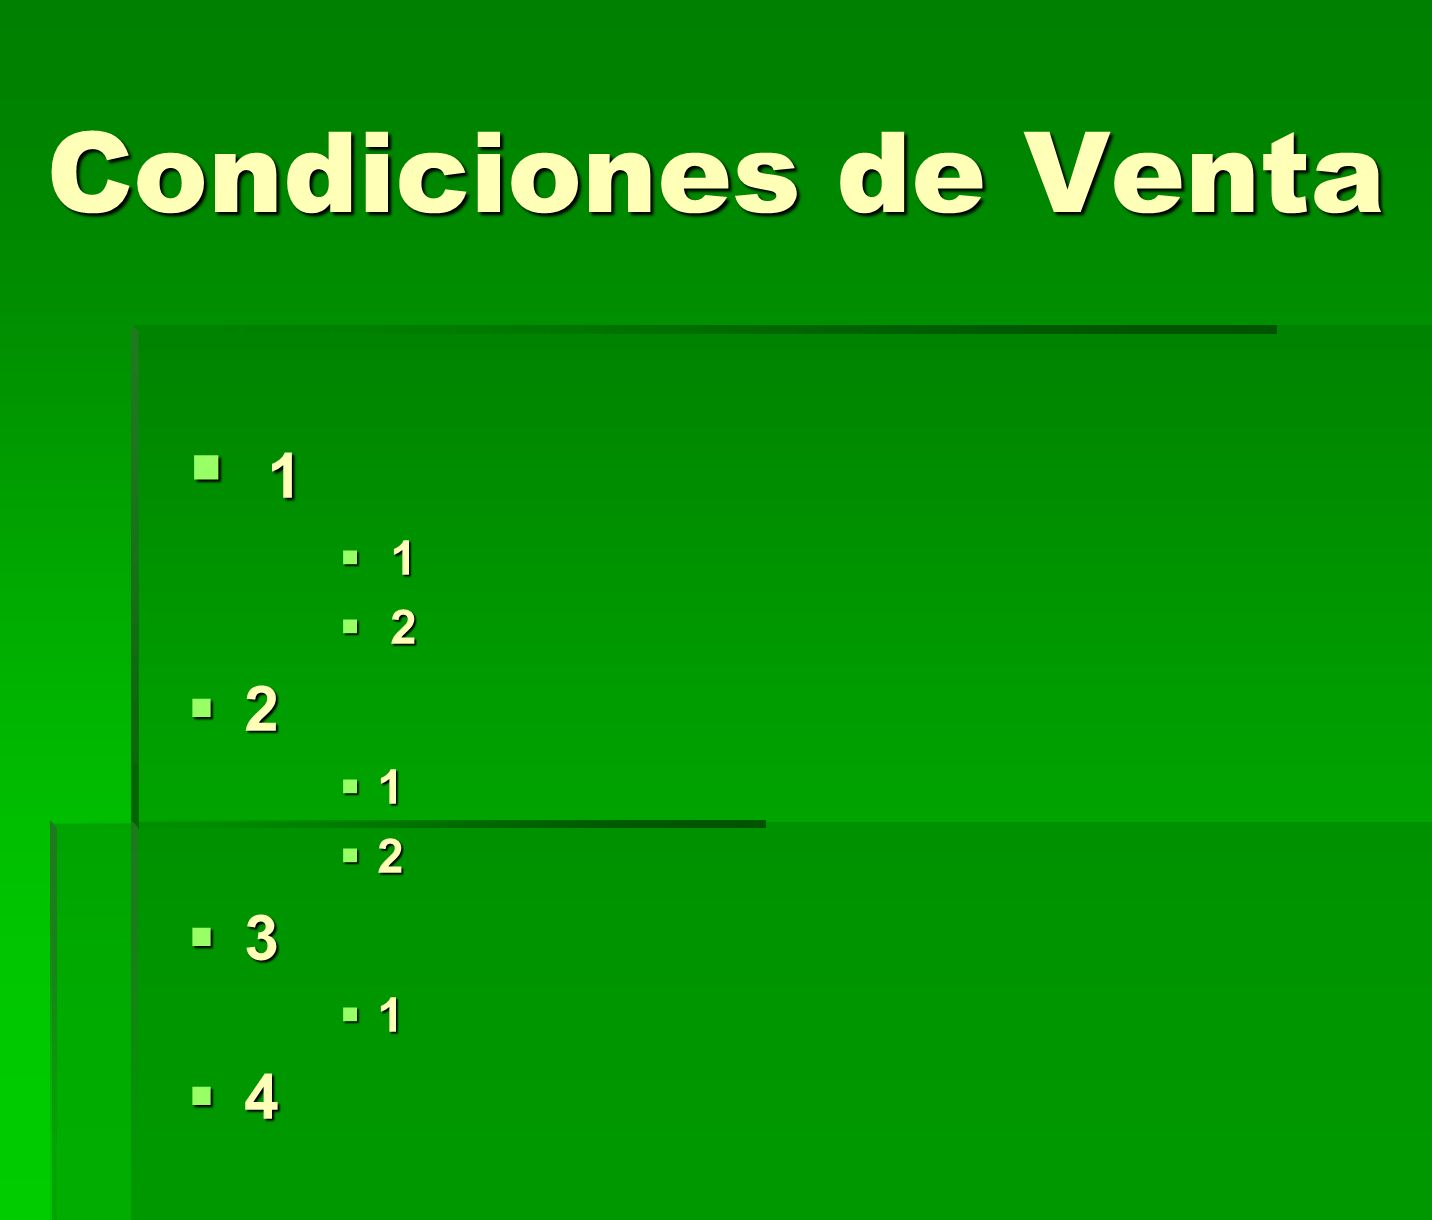 Condiciones de Venta 1. 2. 3. 4.